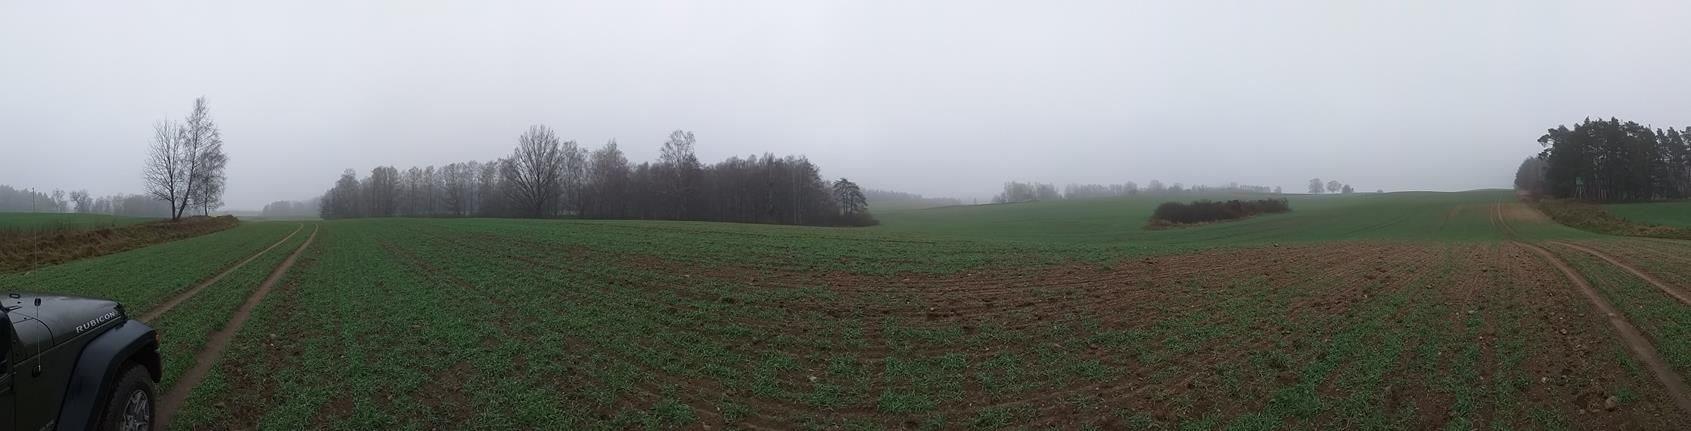 Działka gospodarstwo rolne na sprzedaż Bartąg  7000000m2 Foto 9